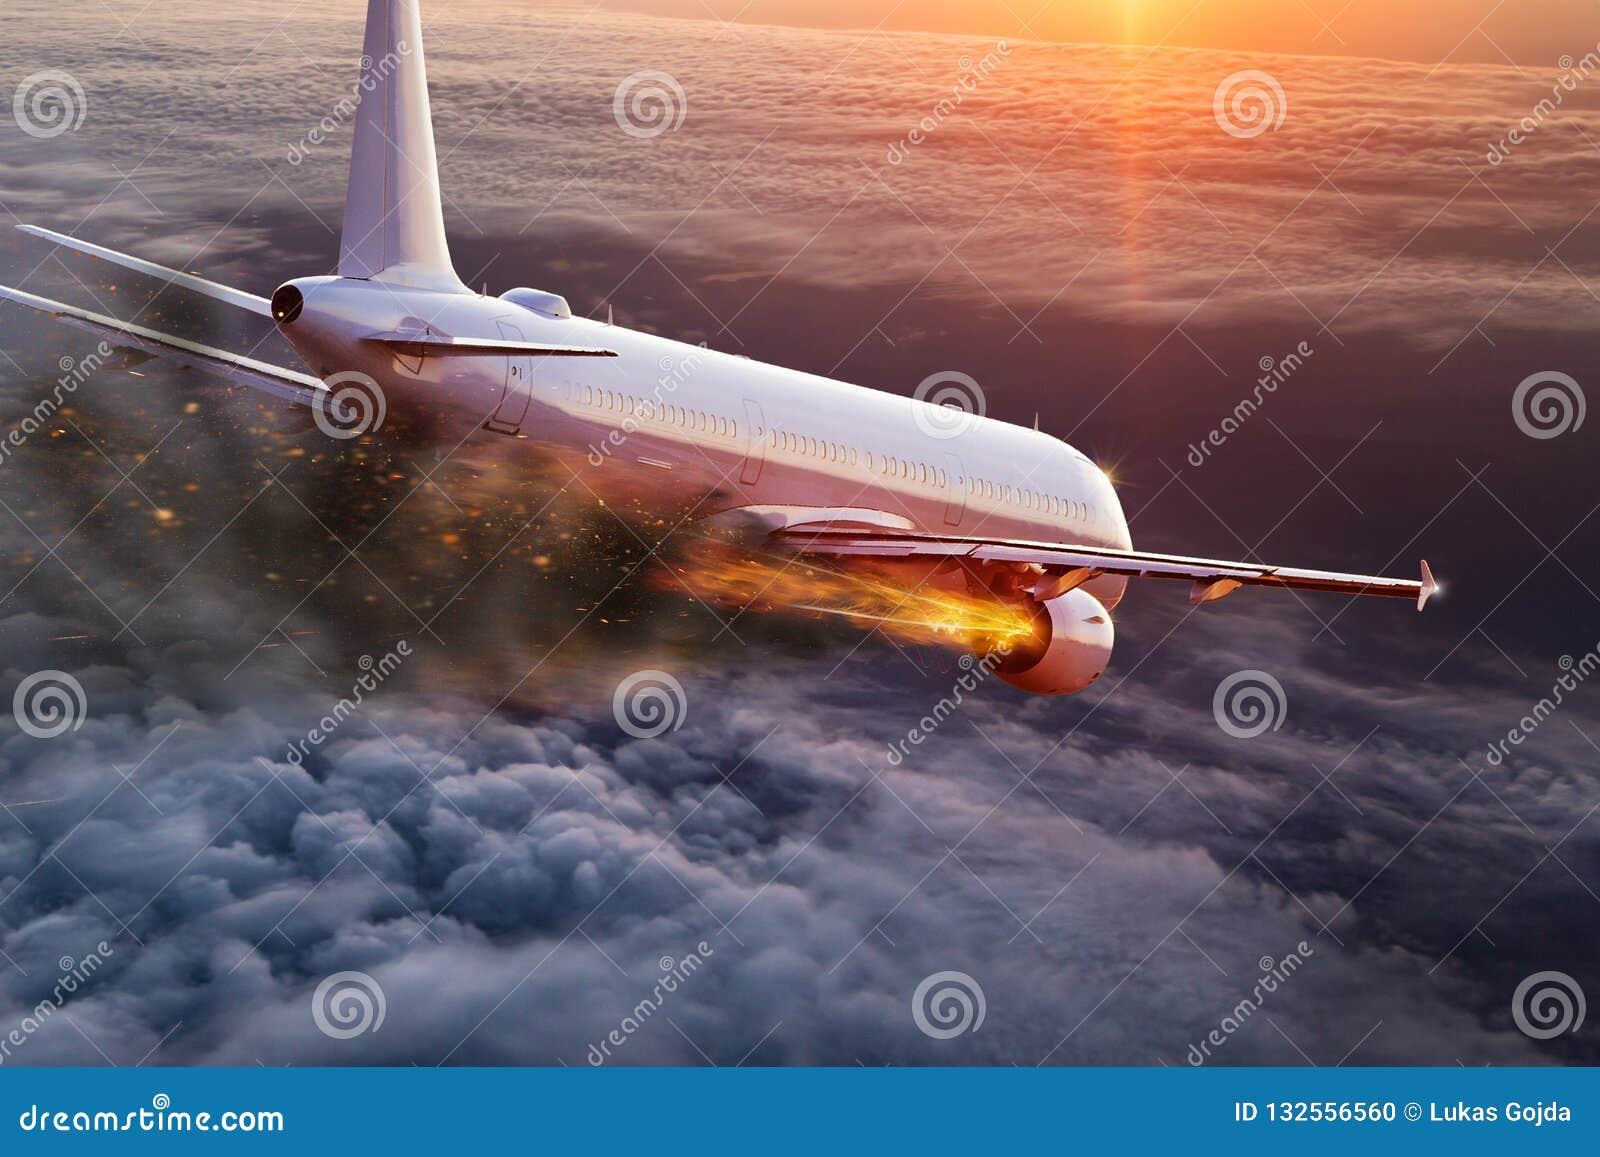 Samolot z silnikiem na ogieniu, pojęcie powietrzna katastrofa